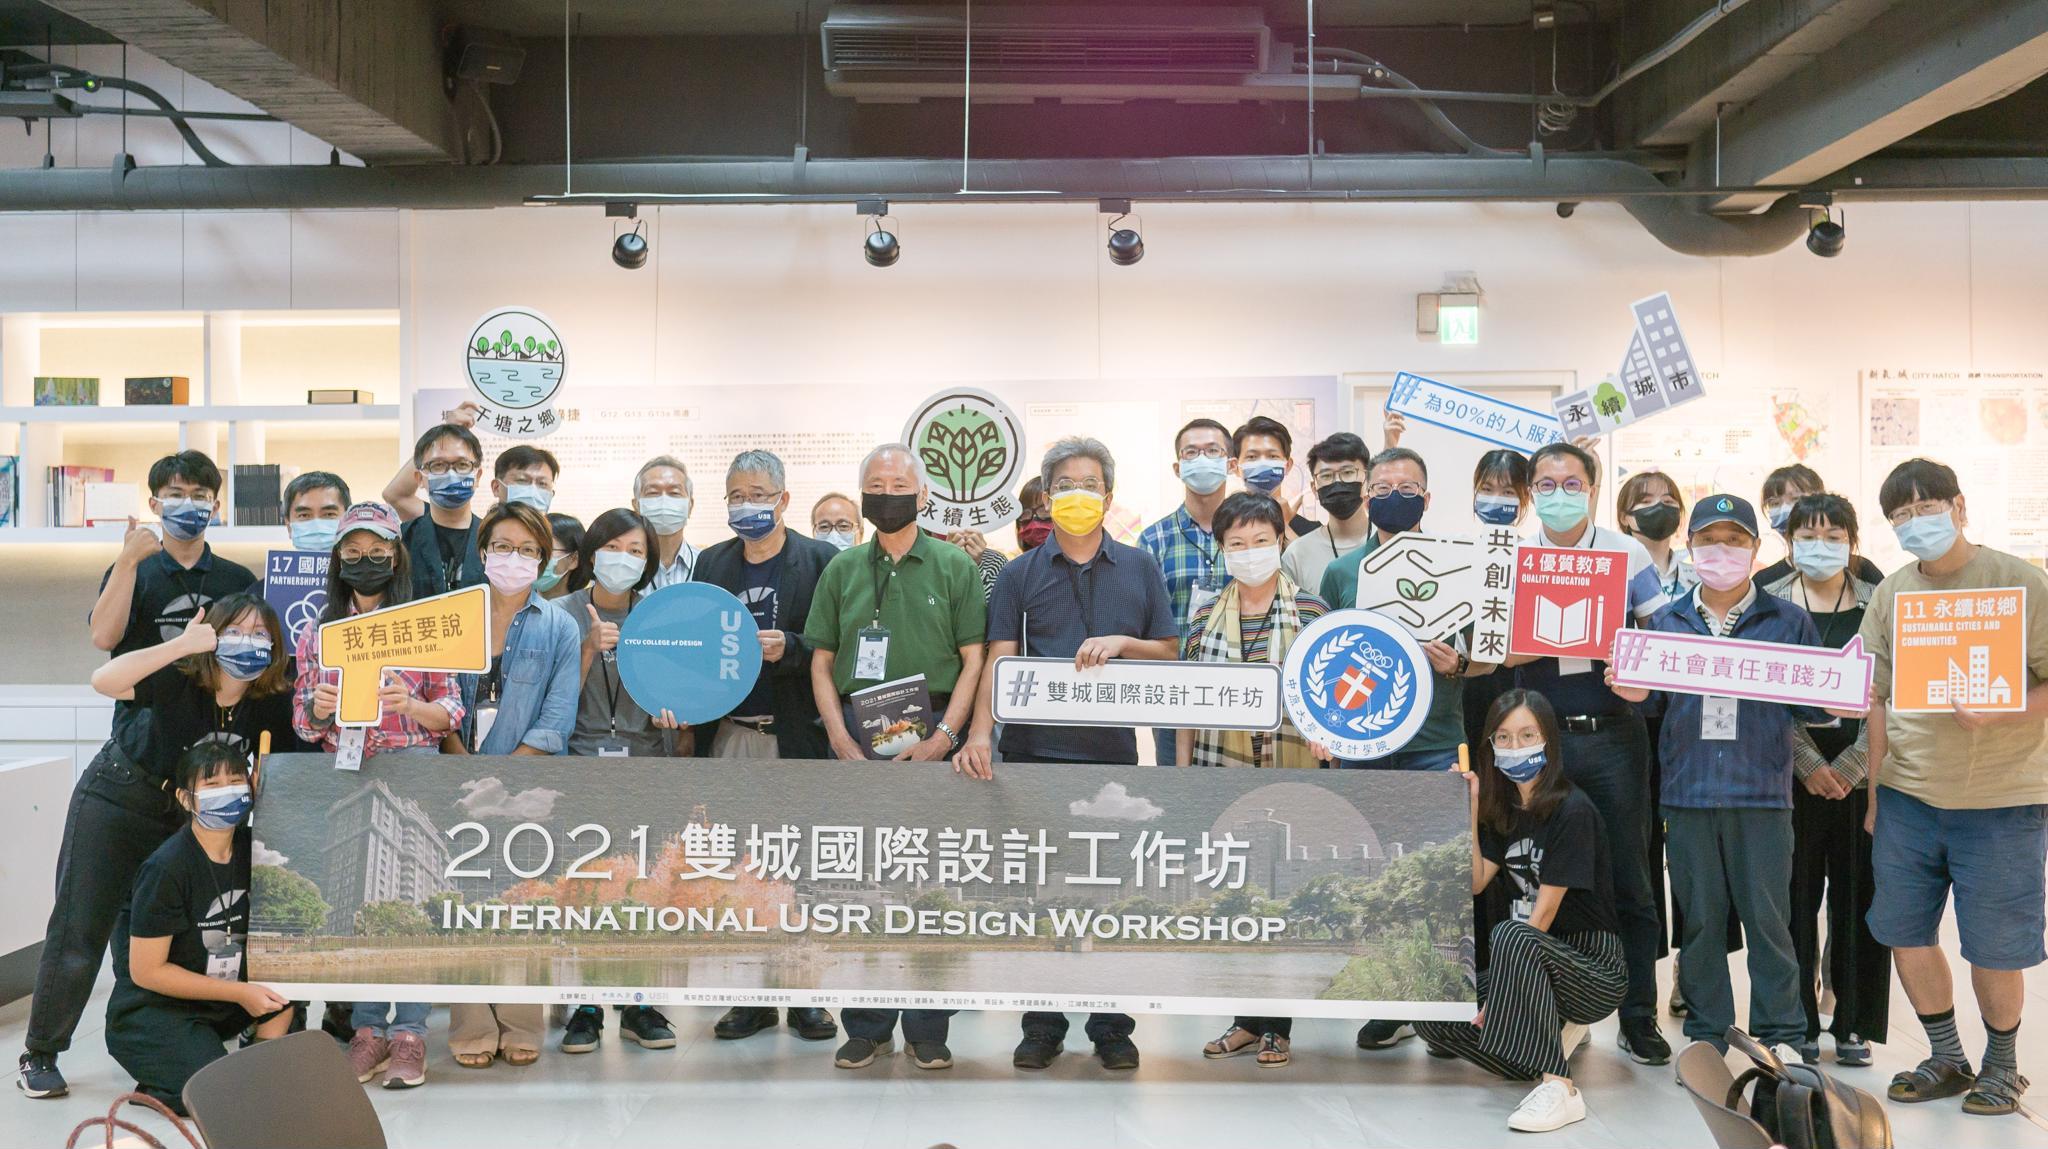 突破疫情封鎖線  中原大學攜手馬來西亞UCSI大學為家鄉永續發展邁進